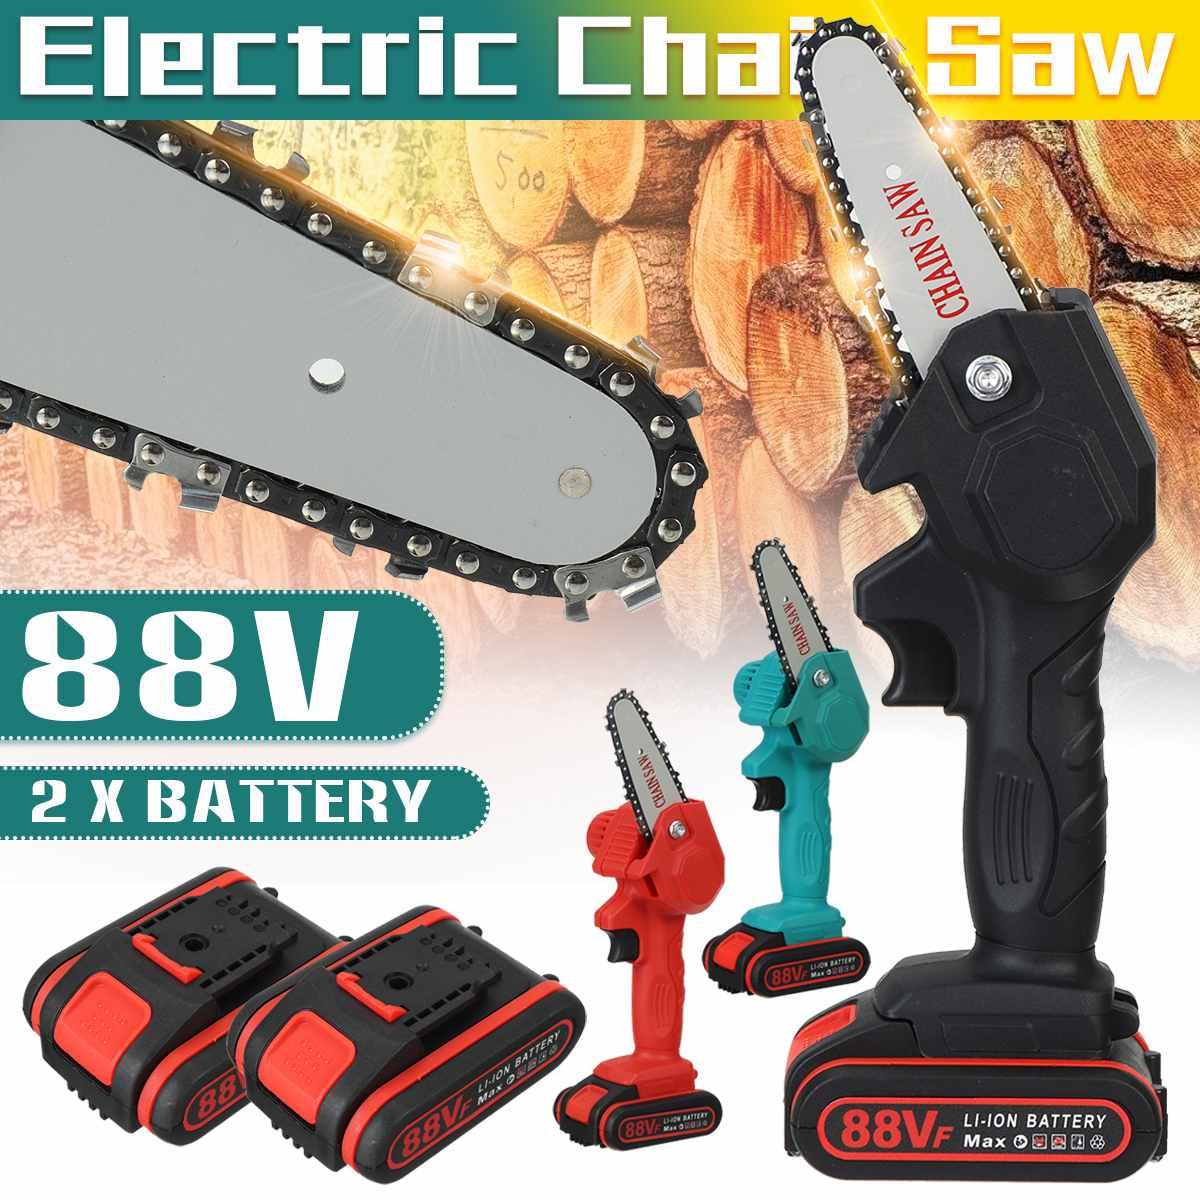 1080W 4 inch 88V mini elektrische kettingzaag met 2-delige accu voor houtbewerking en snoeien, oplaadbaar tuingereedschap, EU-stekker